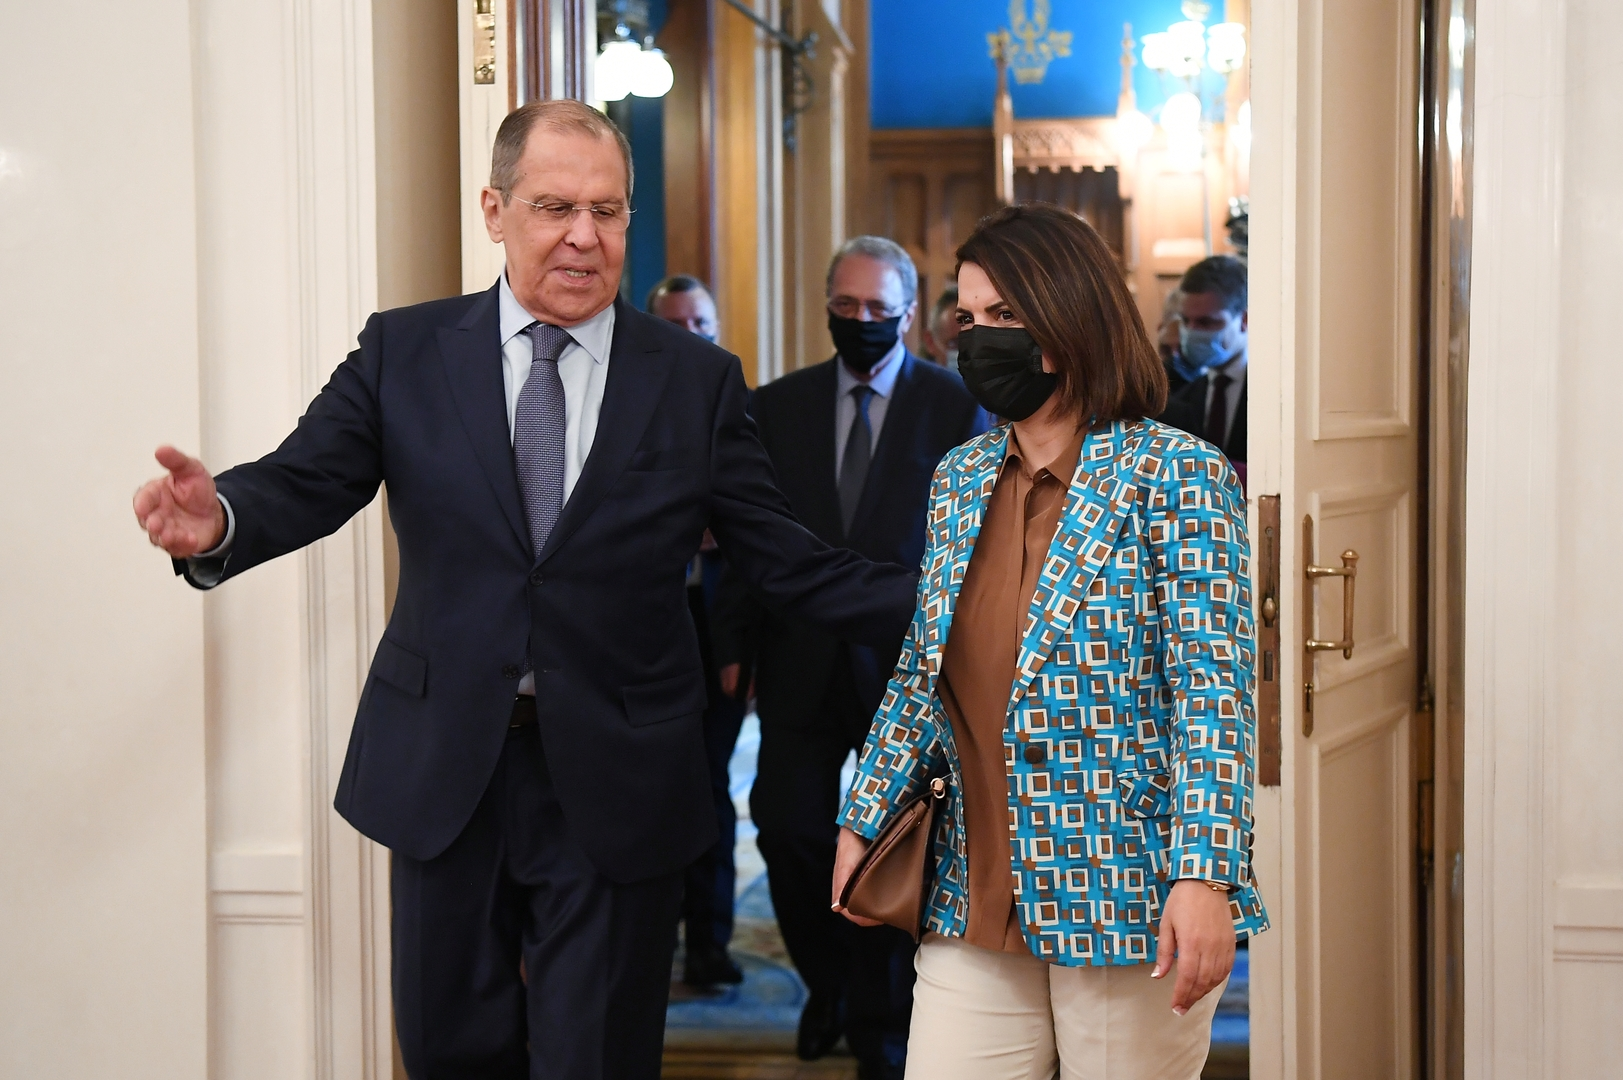 لافروف لنظيرته الليبية: نرى في زيارتكم إلى موسكو نية لبناء علاقات ذات أهمية أولوية مع روسيا